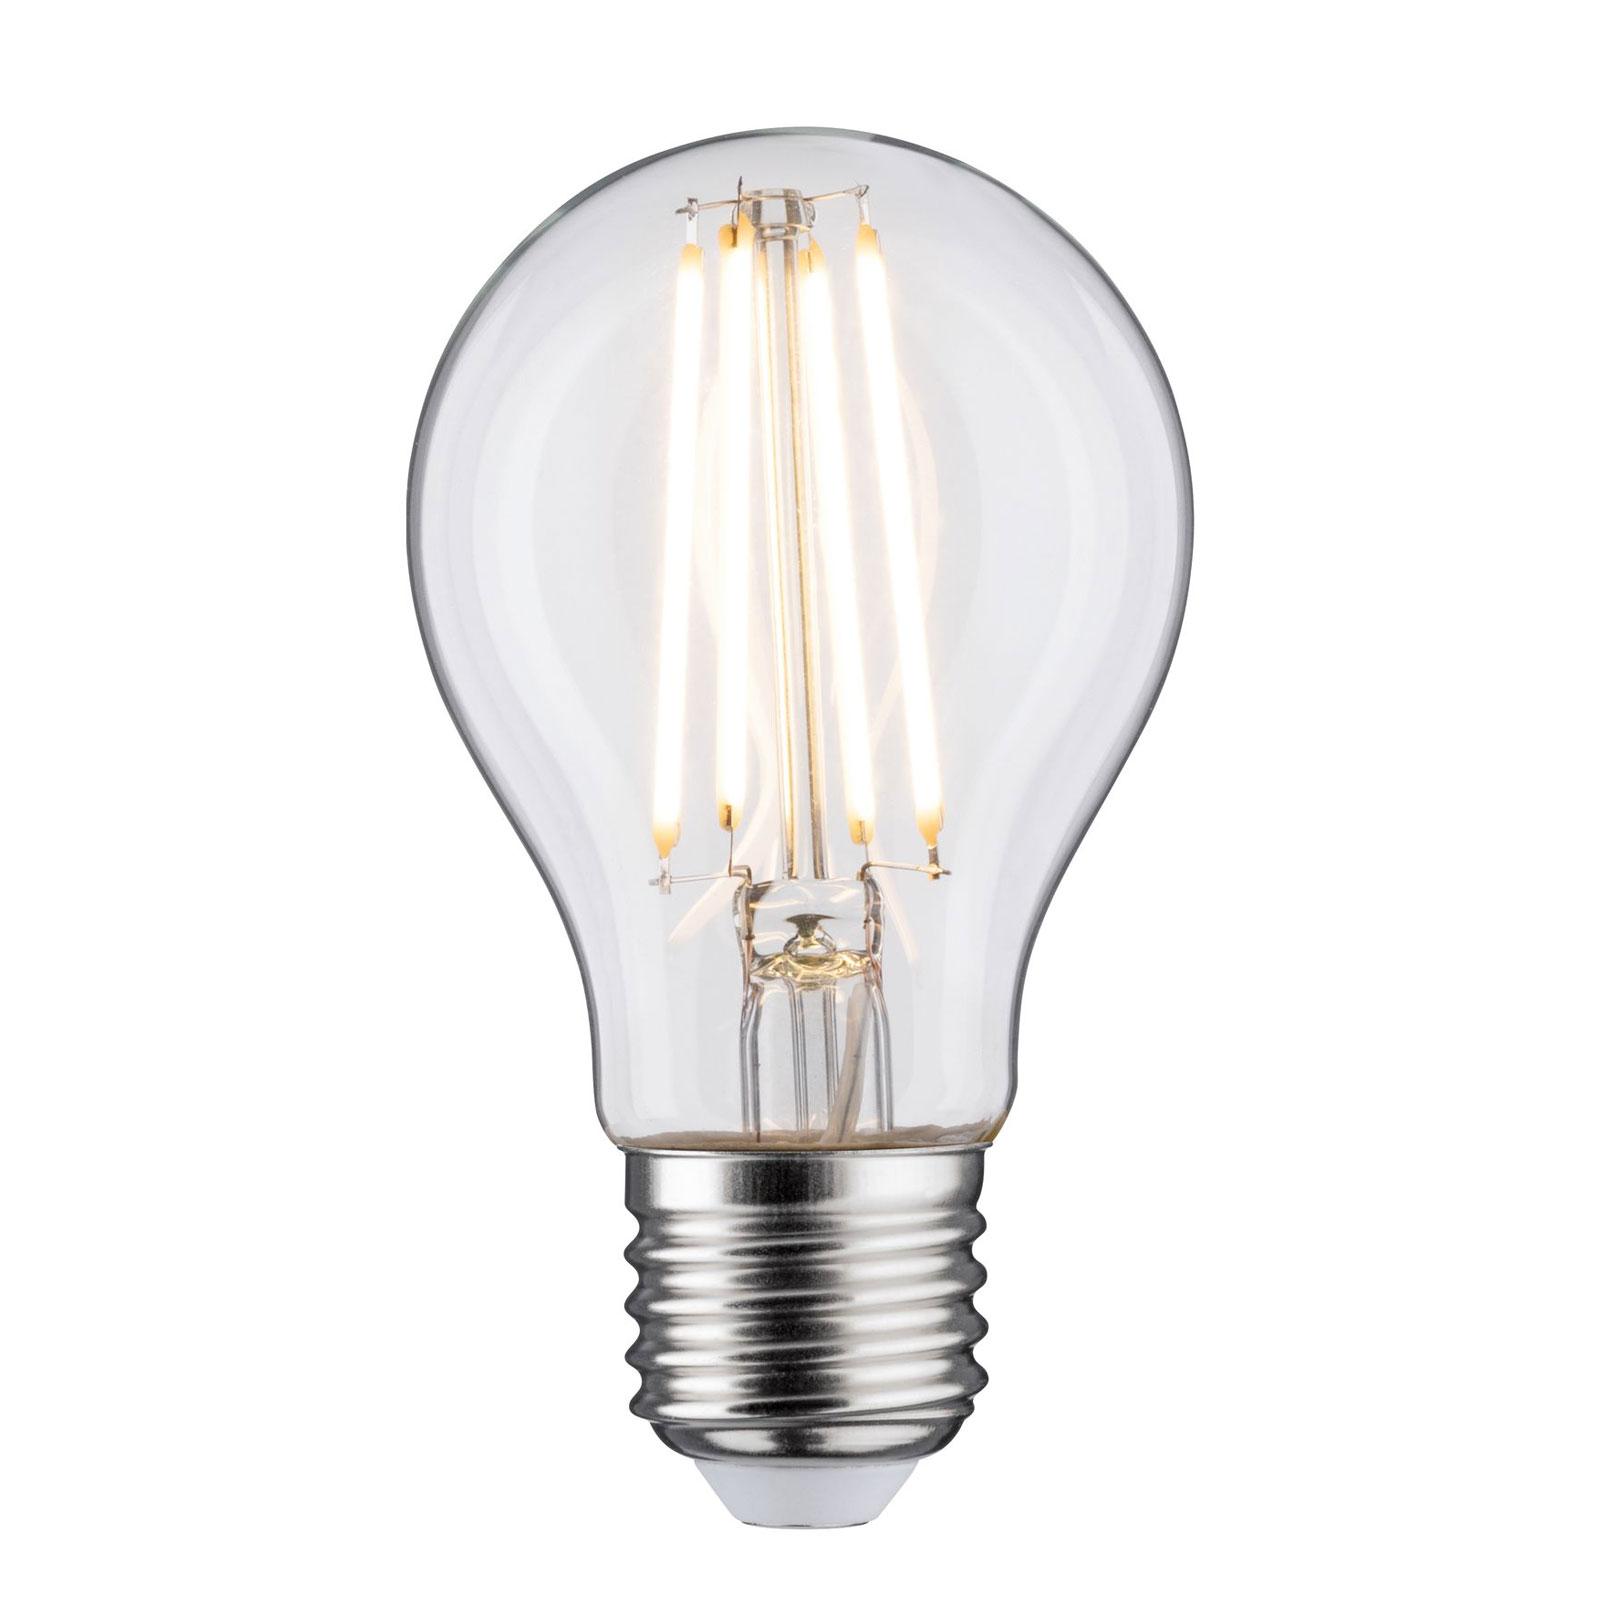 LED-pære E27 9 W Filament 2700 K klar dimbar